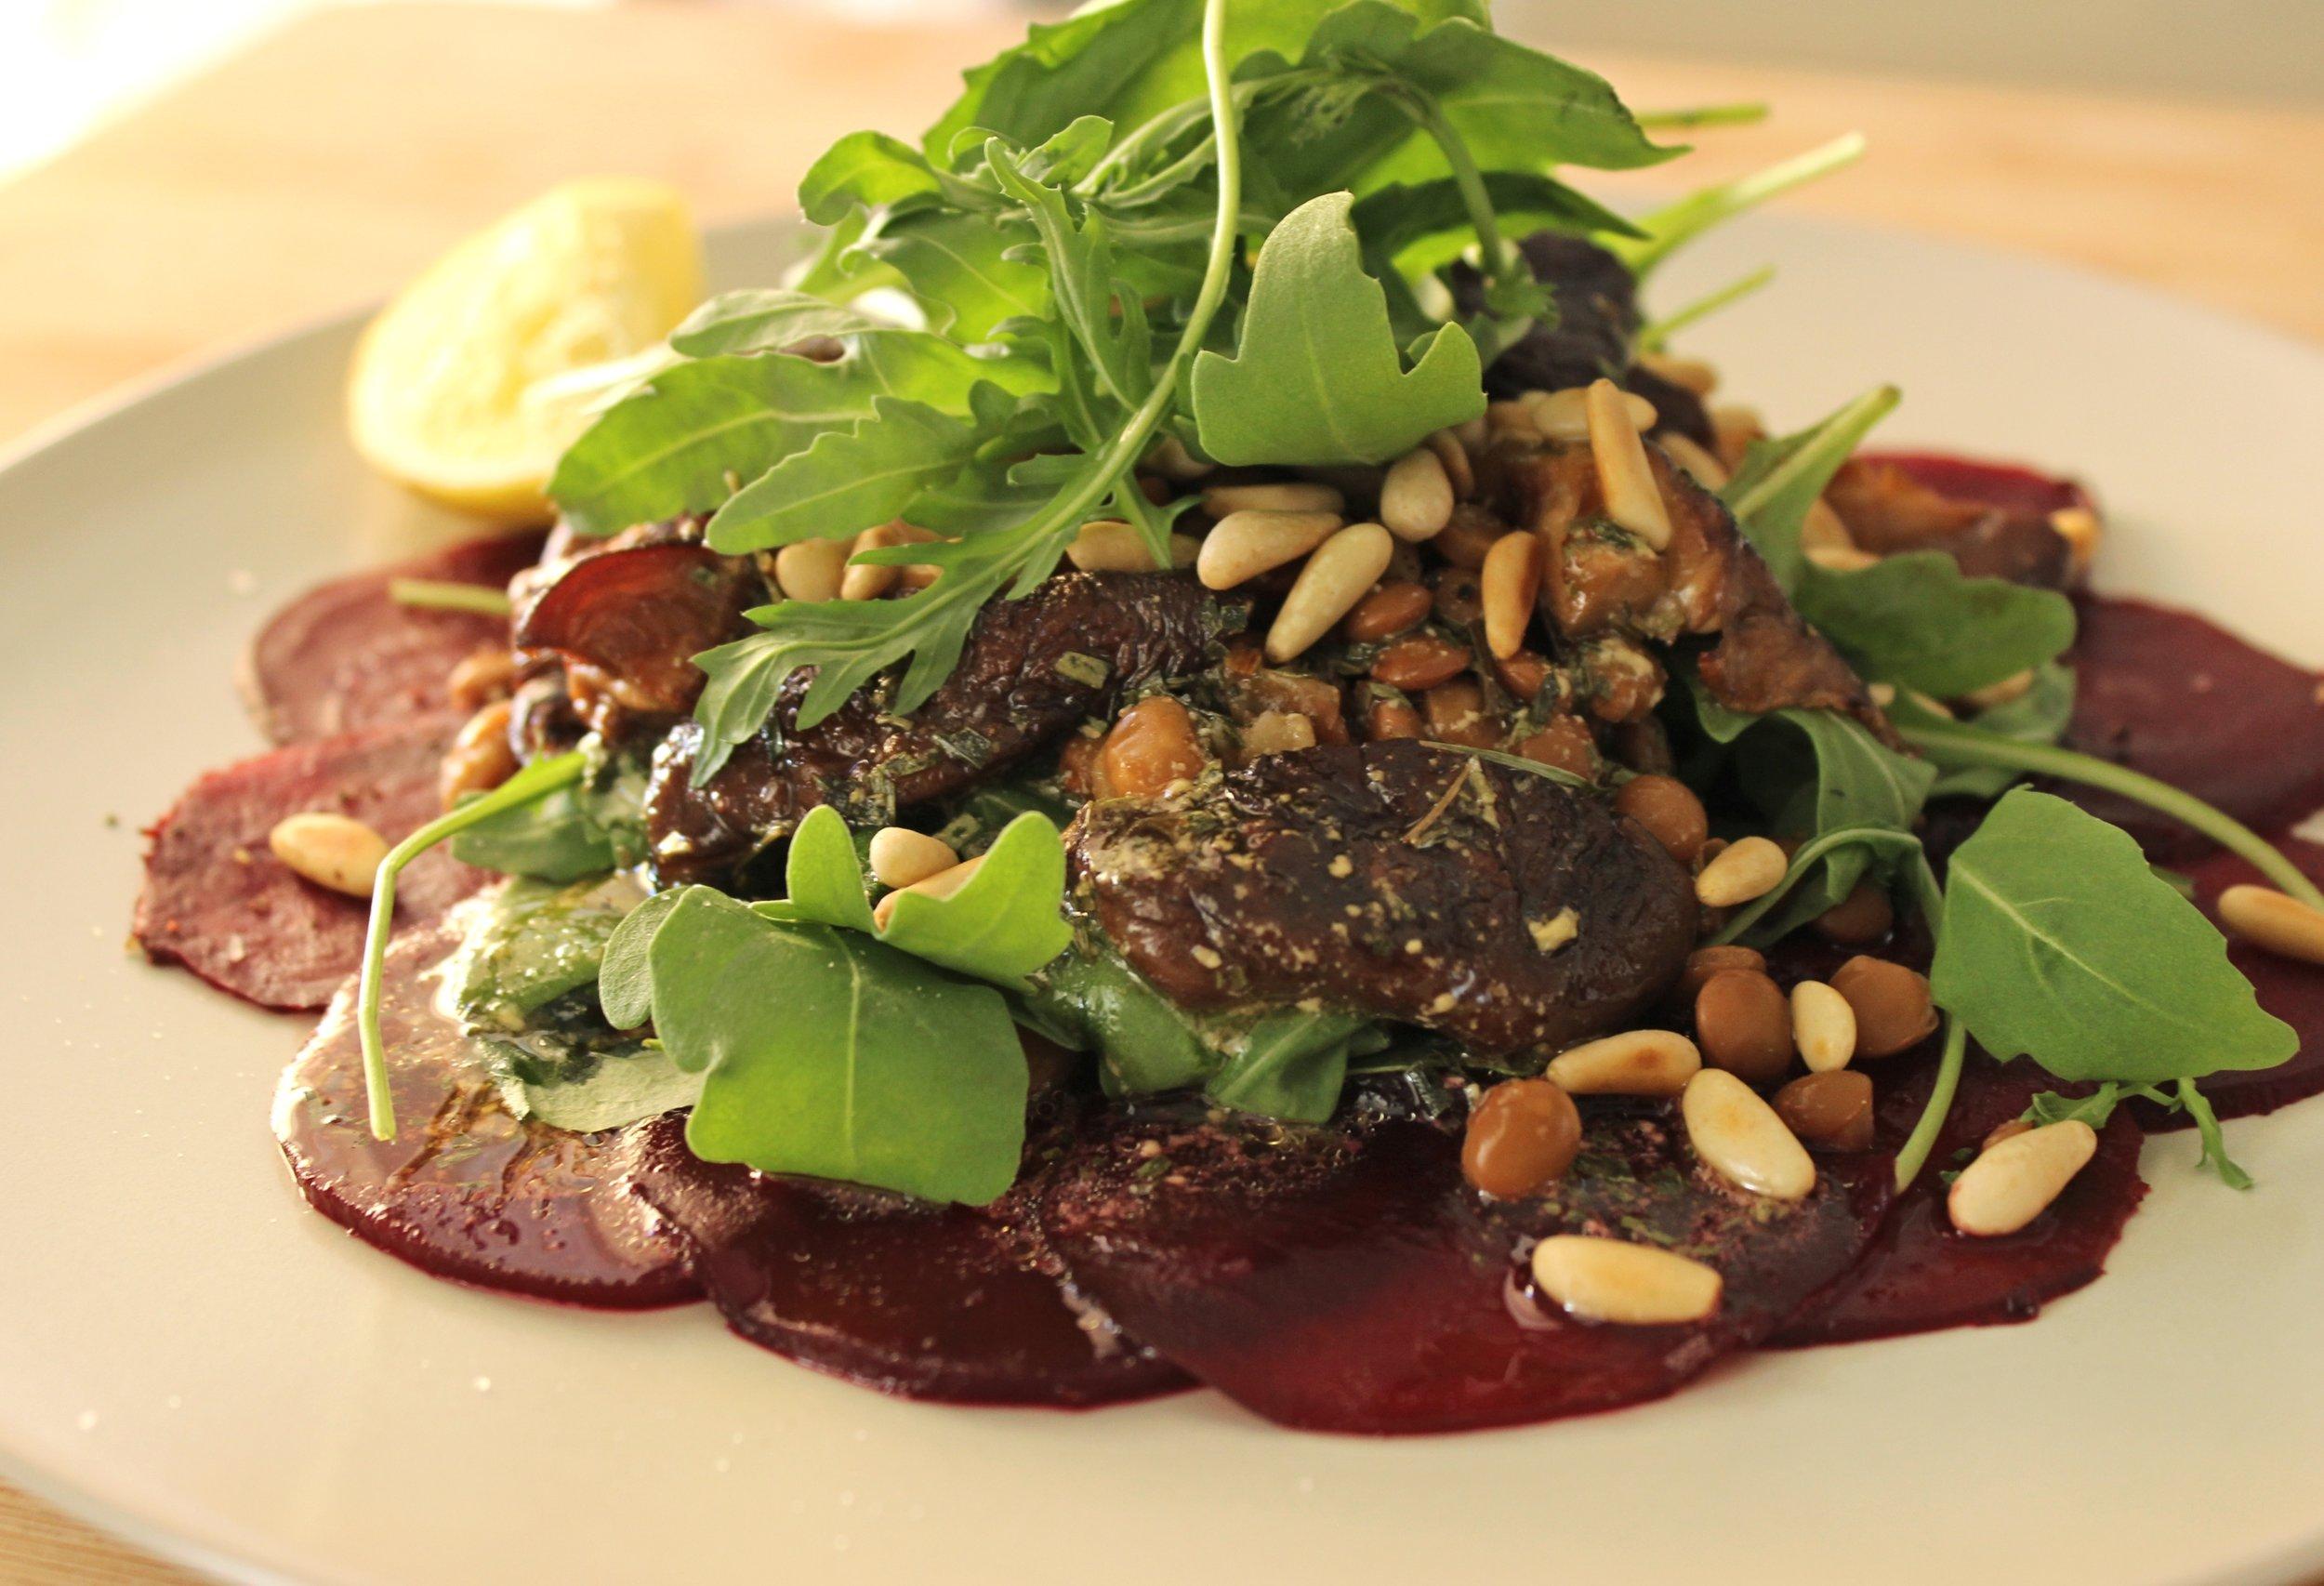 arugula_pine_nut__beet_lentil_shiitake_salad.jpg